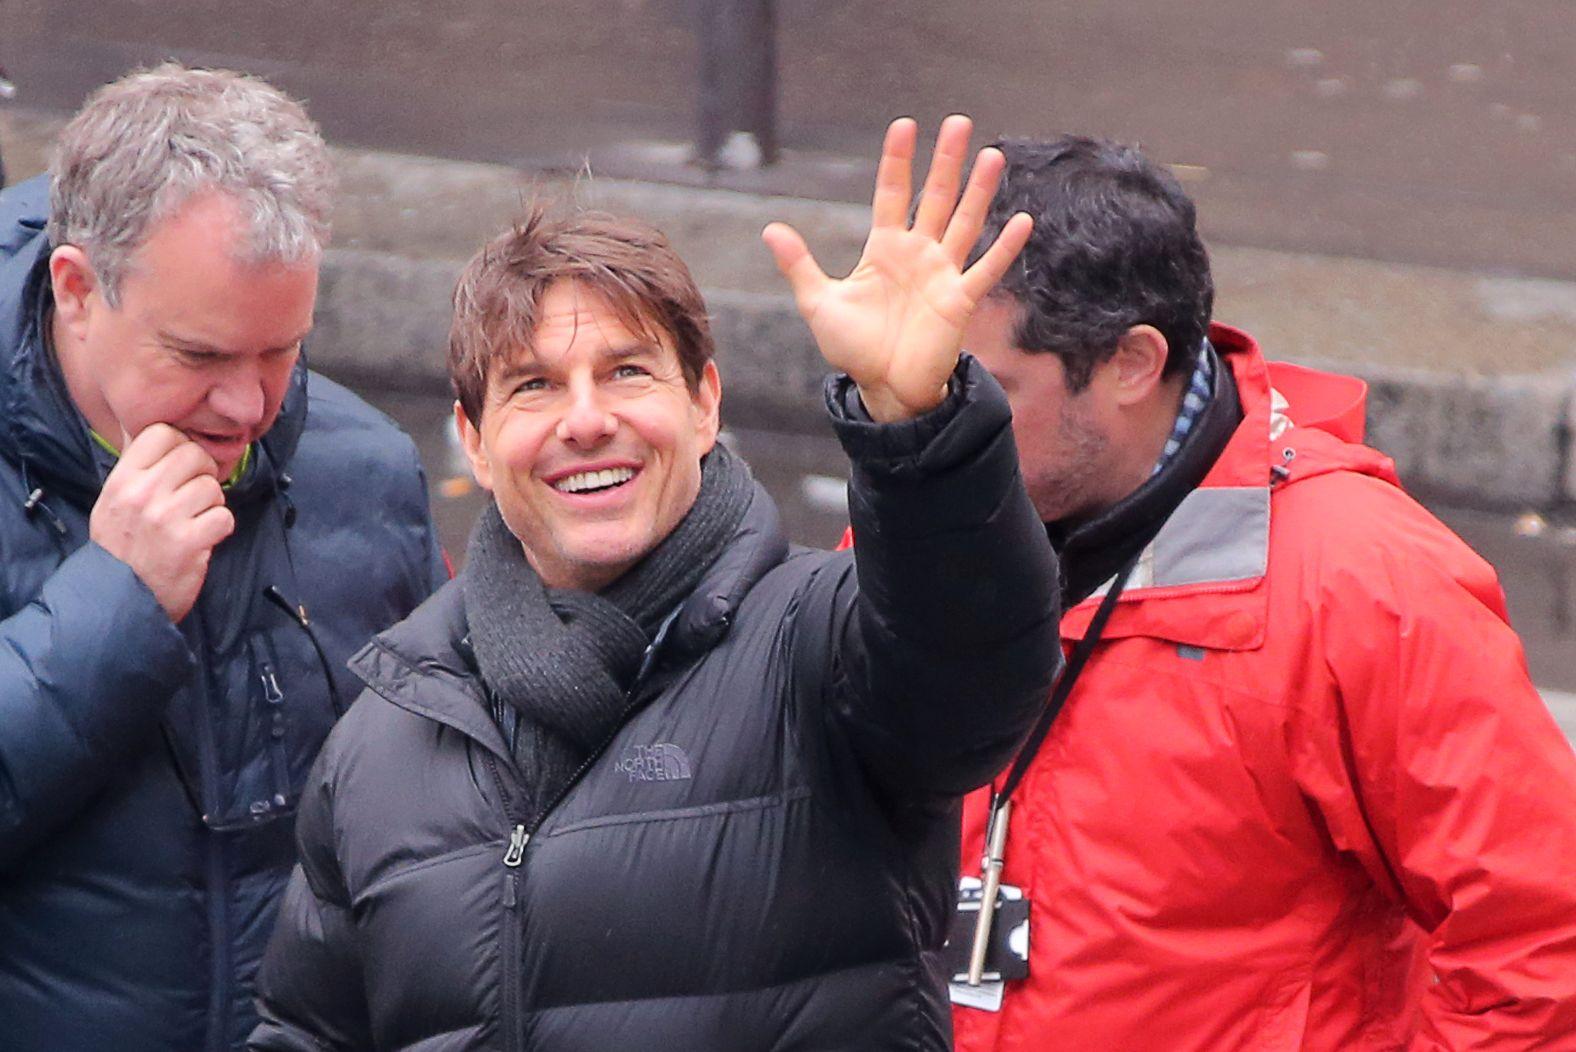 INNSPILLING I PARIS: Tom Cruise vinker til fansen under innspillingen av «Mission: Impossible 6» i Paris tidligere i år.